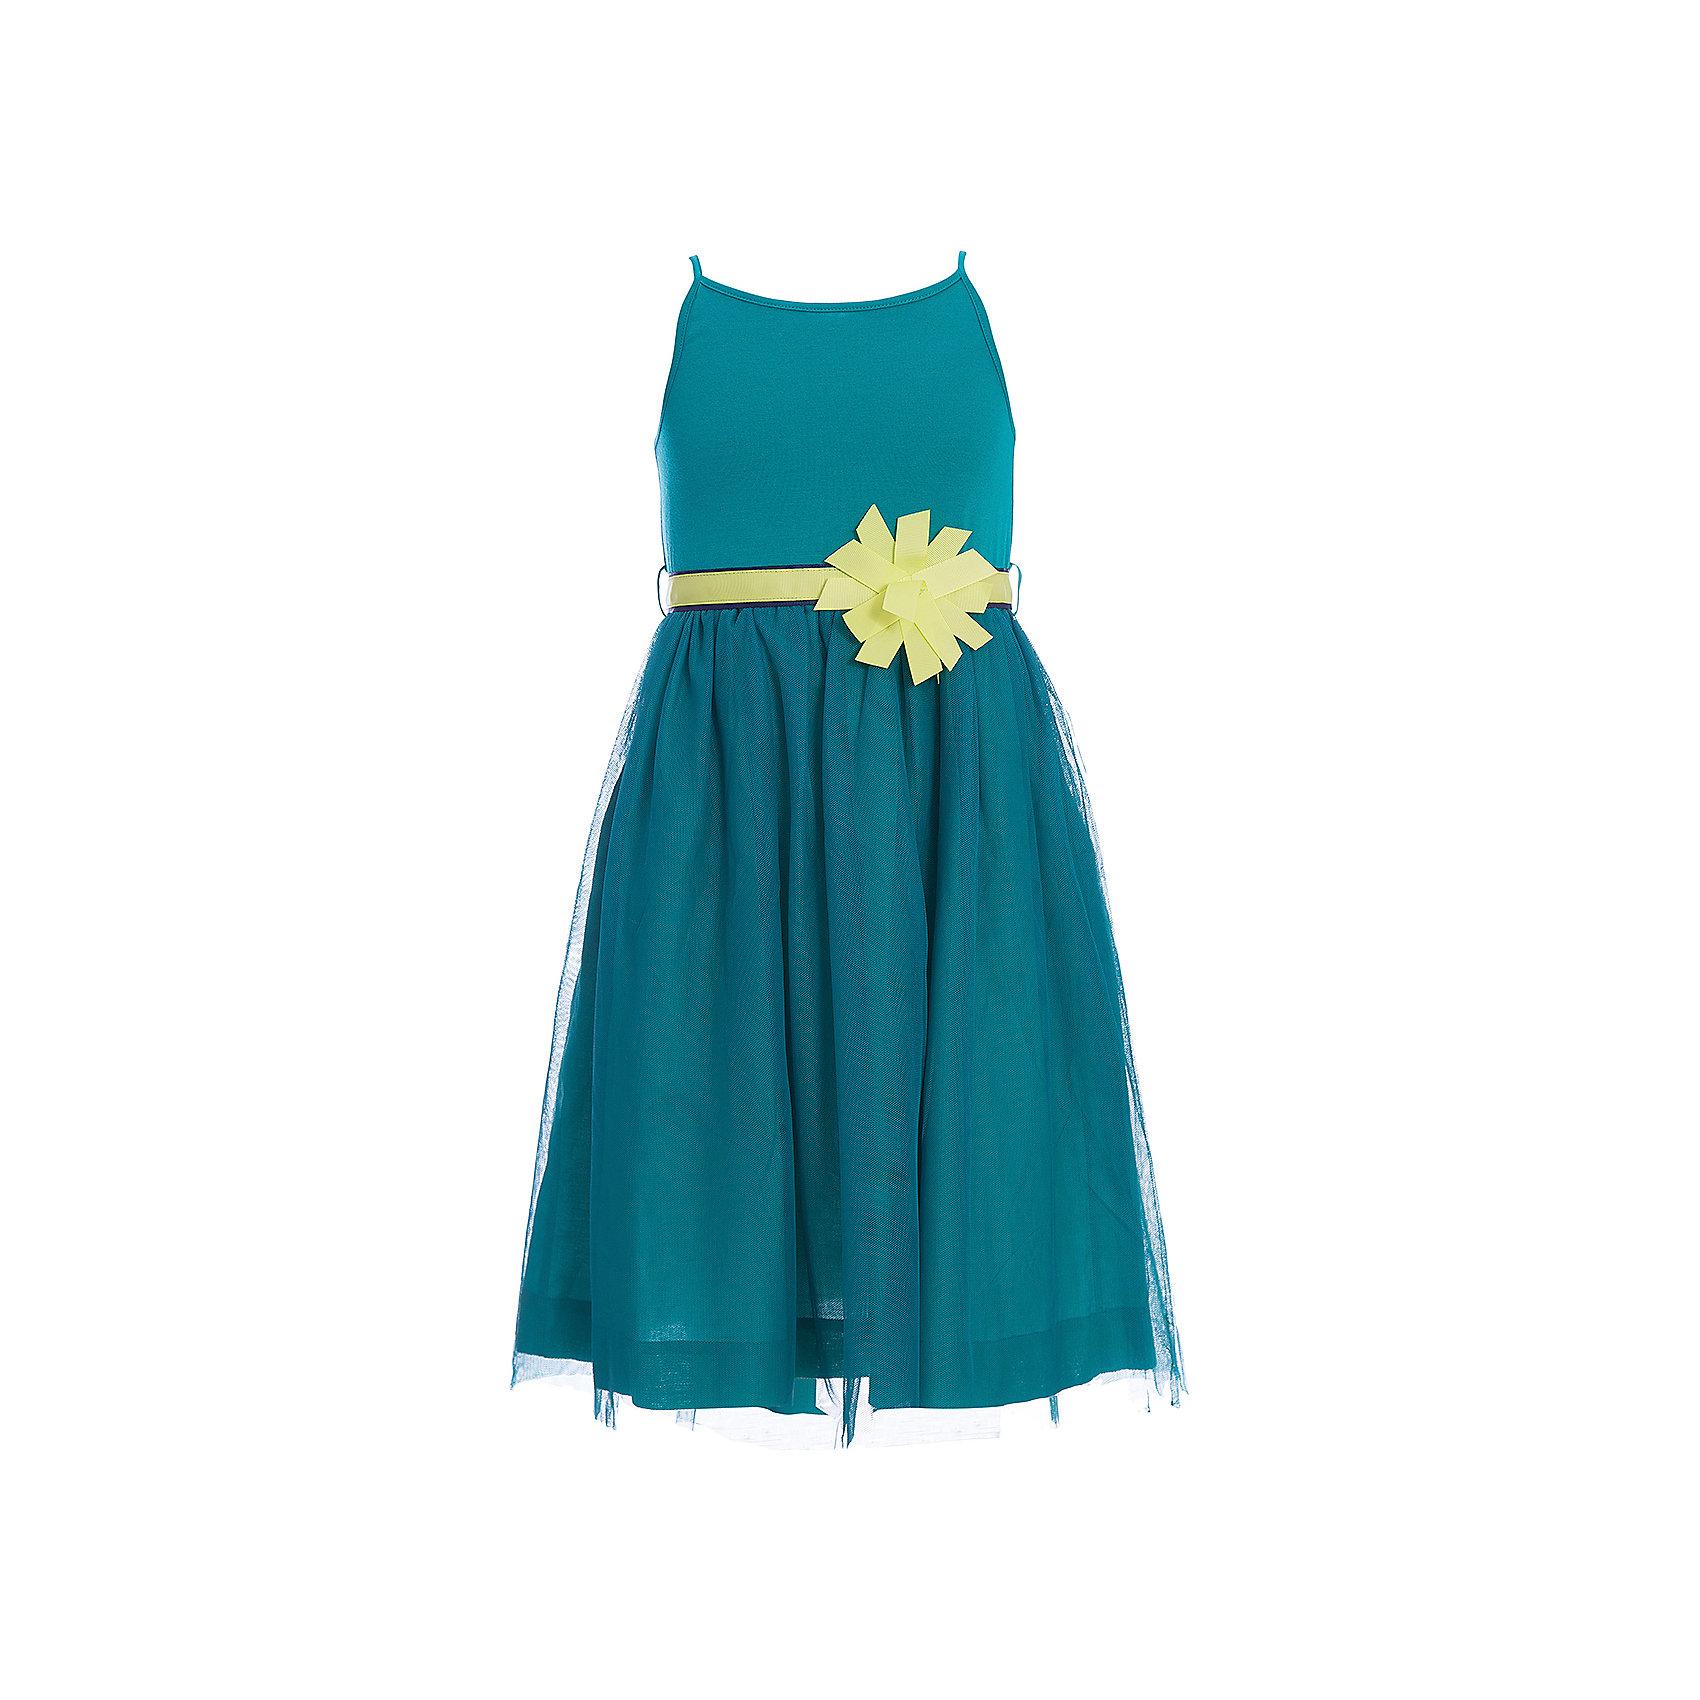 Платье для девочки WojcikПлатья и сарафаны<br>Платье для девочки Wojcik<br>Состав:<br>Полиэстер 80% Хлопок 15% Эластан 5%<br><br>Ширина мм: 236<br>Глубина мм: 16<br>Высота мм: 184<br>Вес г: 177<br>Цвет: зеленый<br>Возраст от месяцев: 84<br>Возраст до месяцев: 96<br>Пол: Женский<br>Возраст: Детский<br>Размер: 128,134,122,116<br>SKU: 5588572